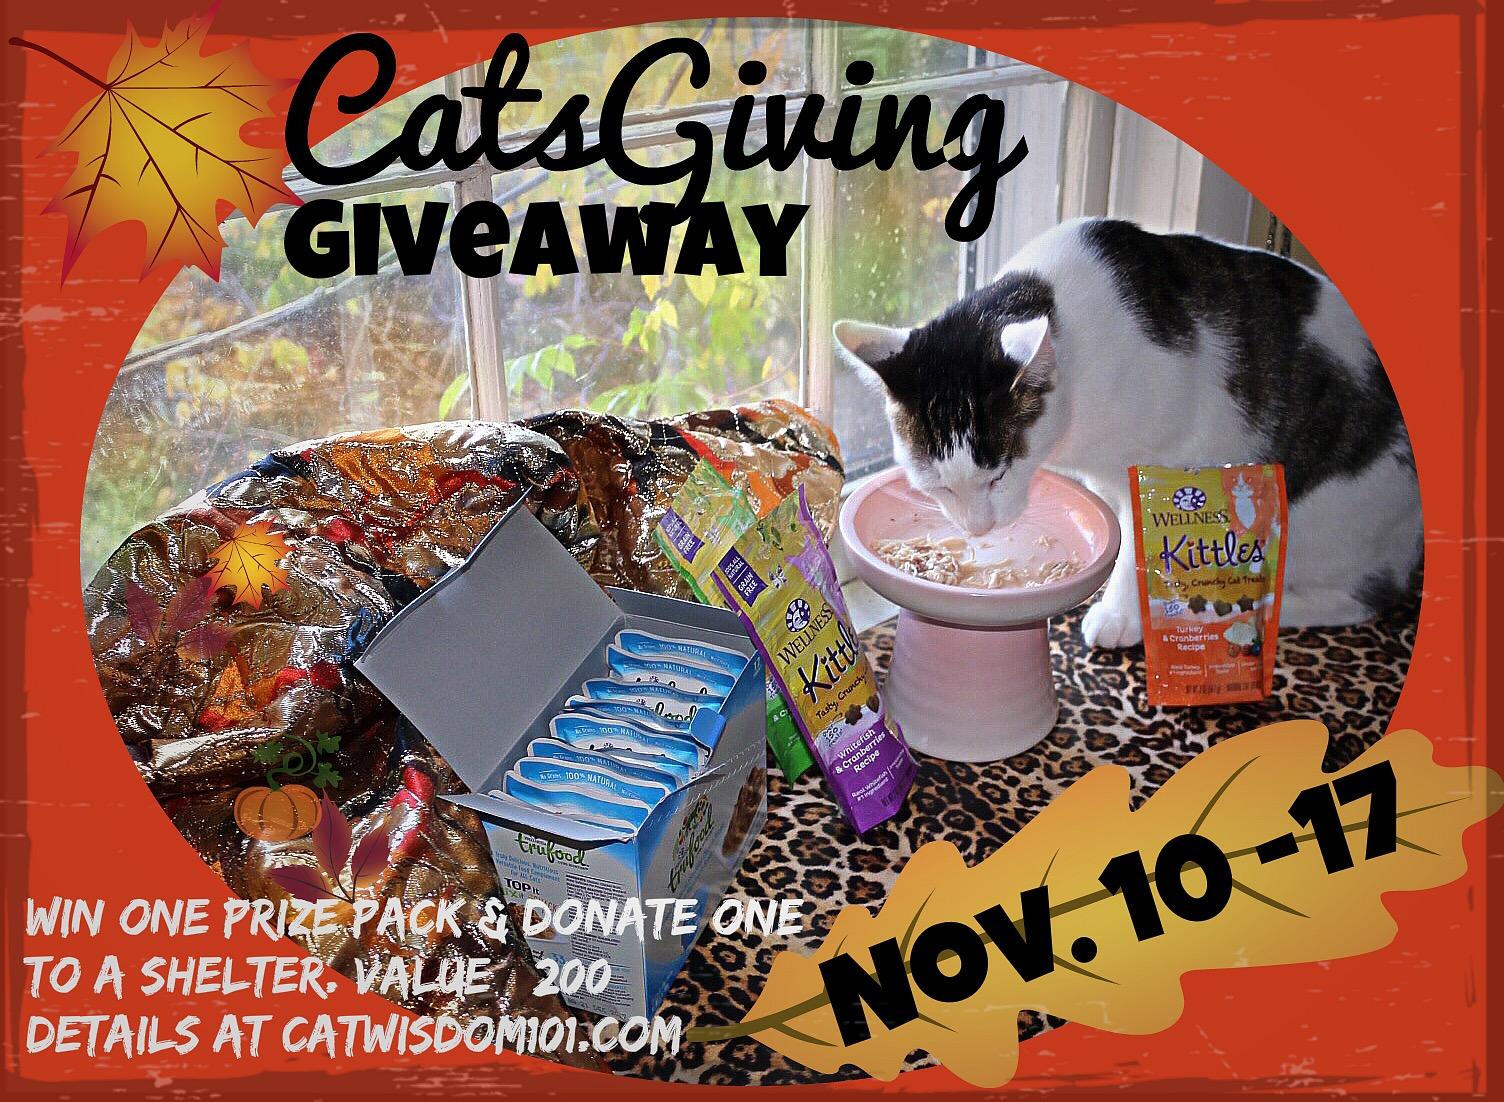 catsgiving_wellness_giveaway